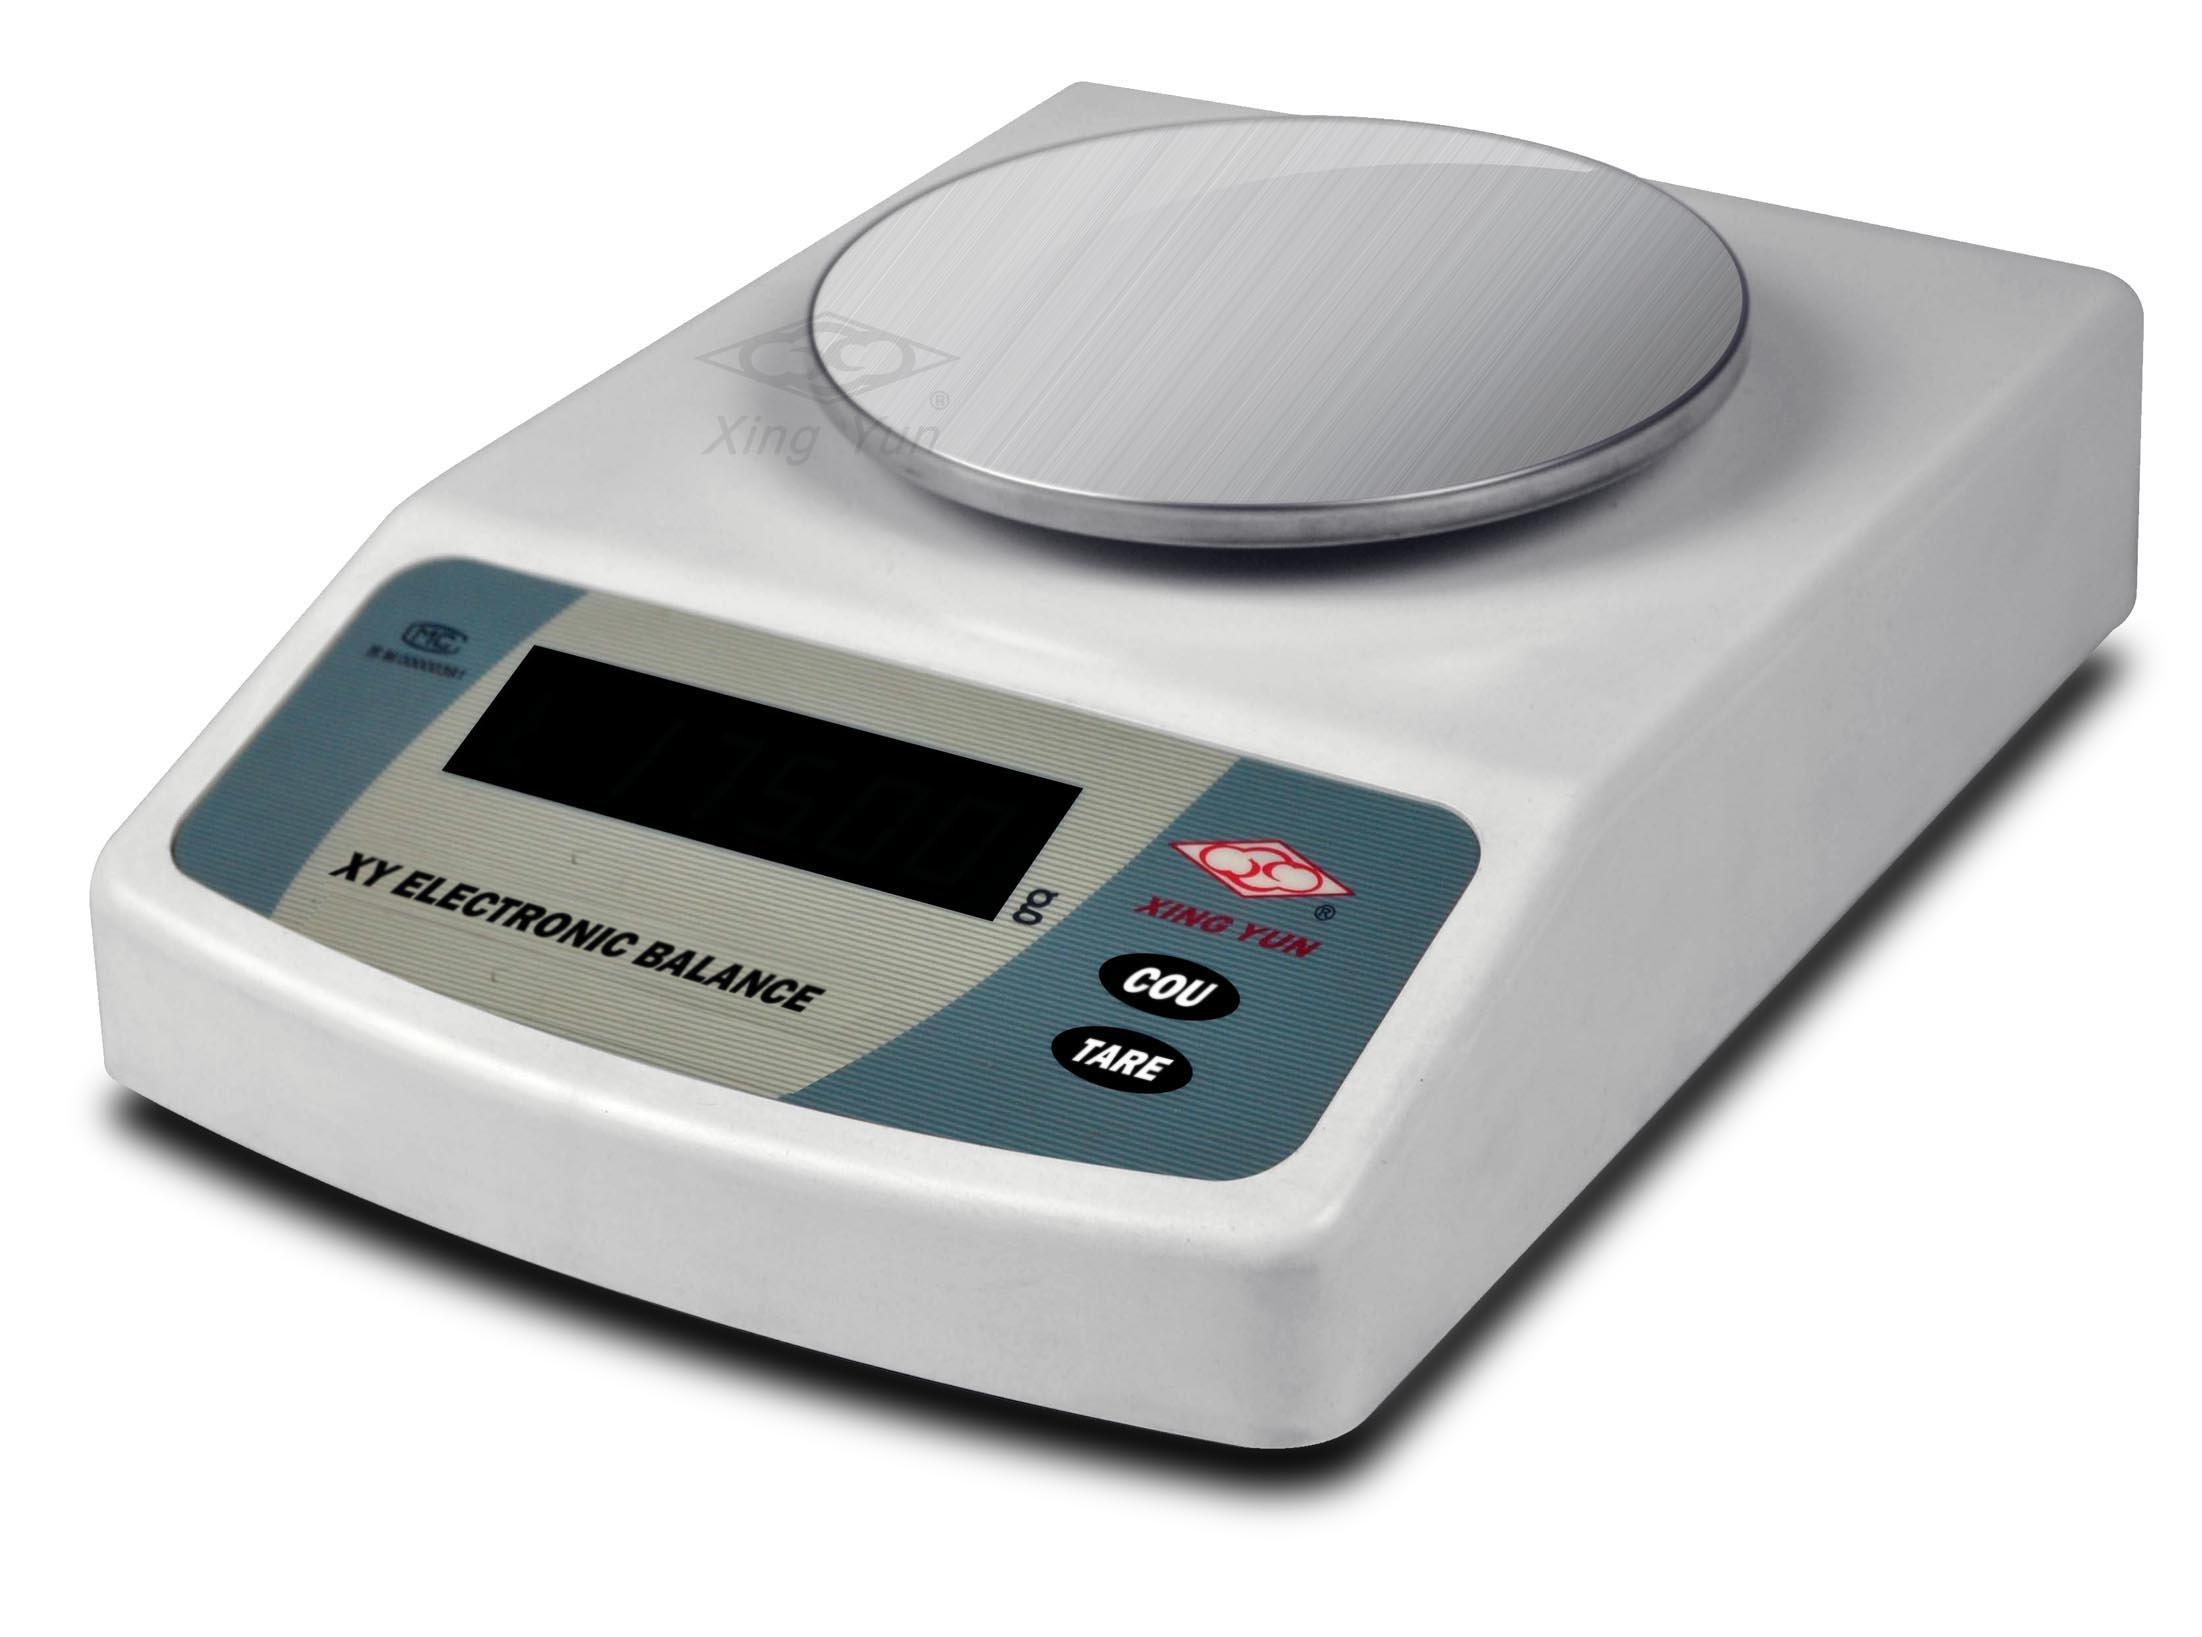 2000 g 0 01 g balança de precisão balança Digital escala balança  #652D3F 2202x1637 Balança Digital Banheiro Precisão